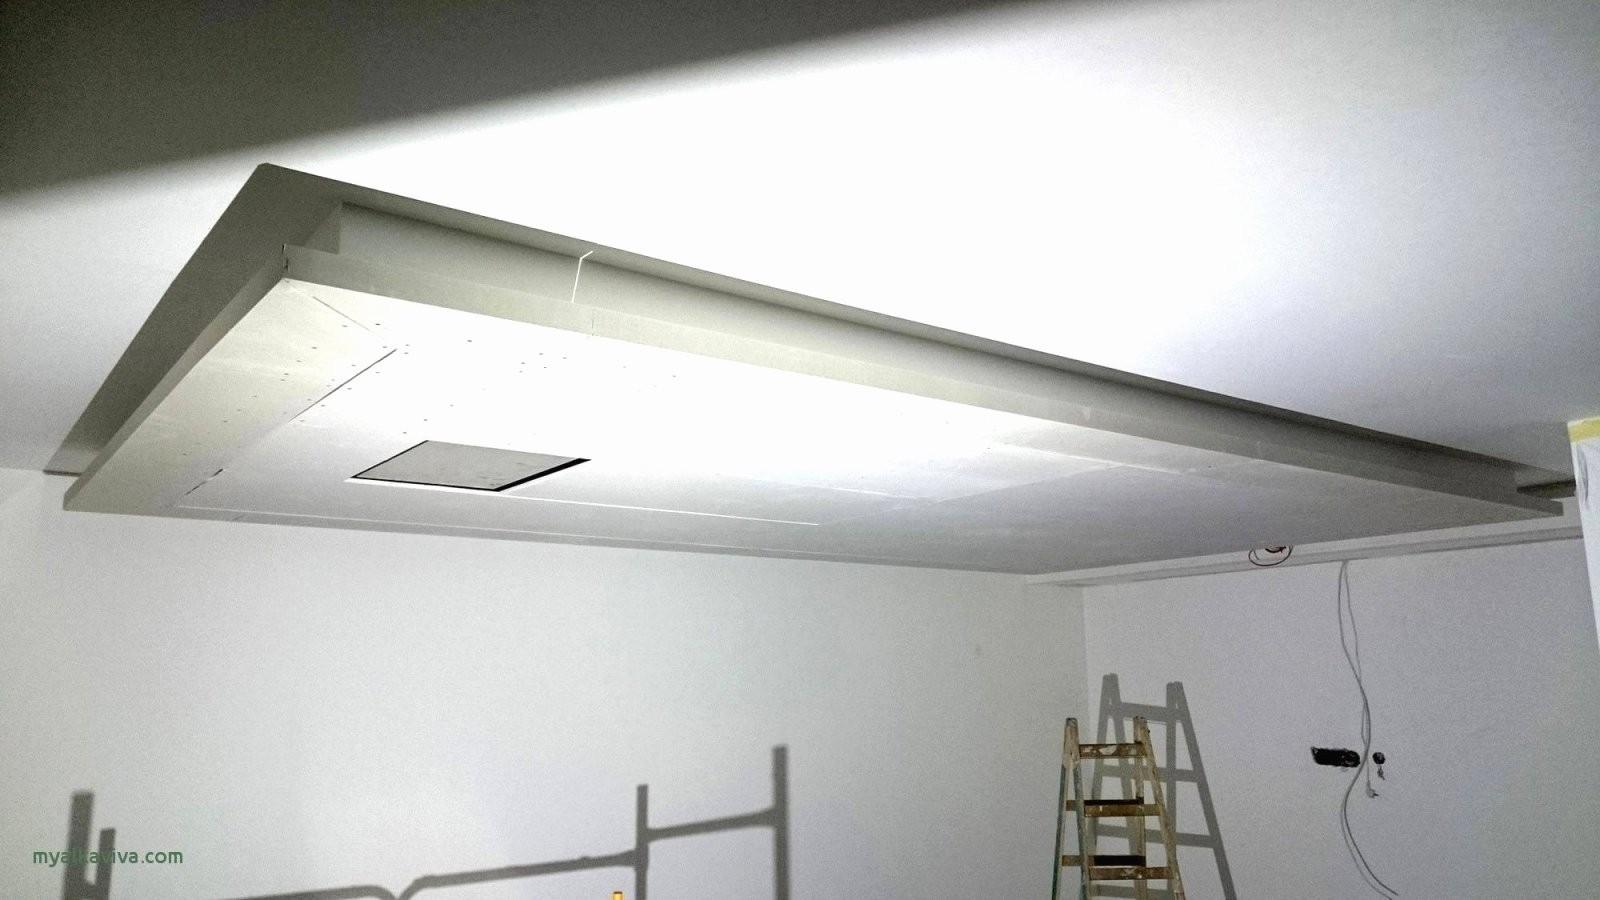 Indirekte Beleuchtung Selber Bauen Rigips Frisch Indirekte von Indirekte Wandbeleuchtung Selber Bauen Bild